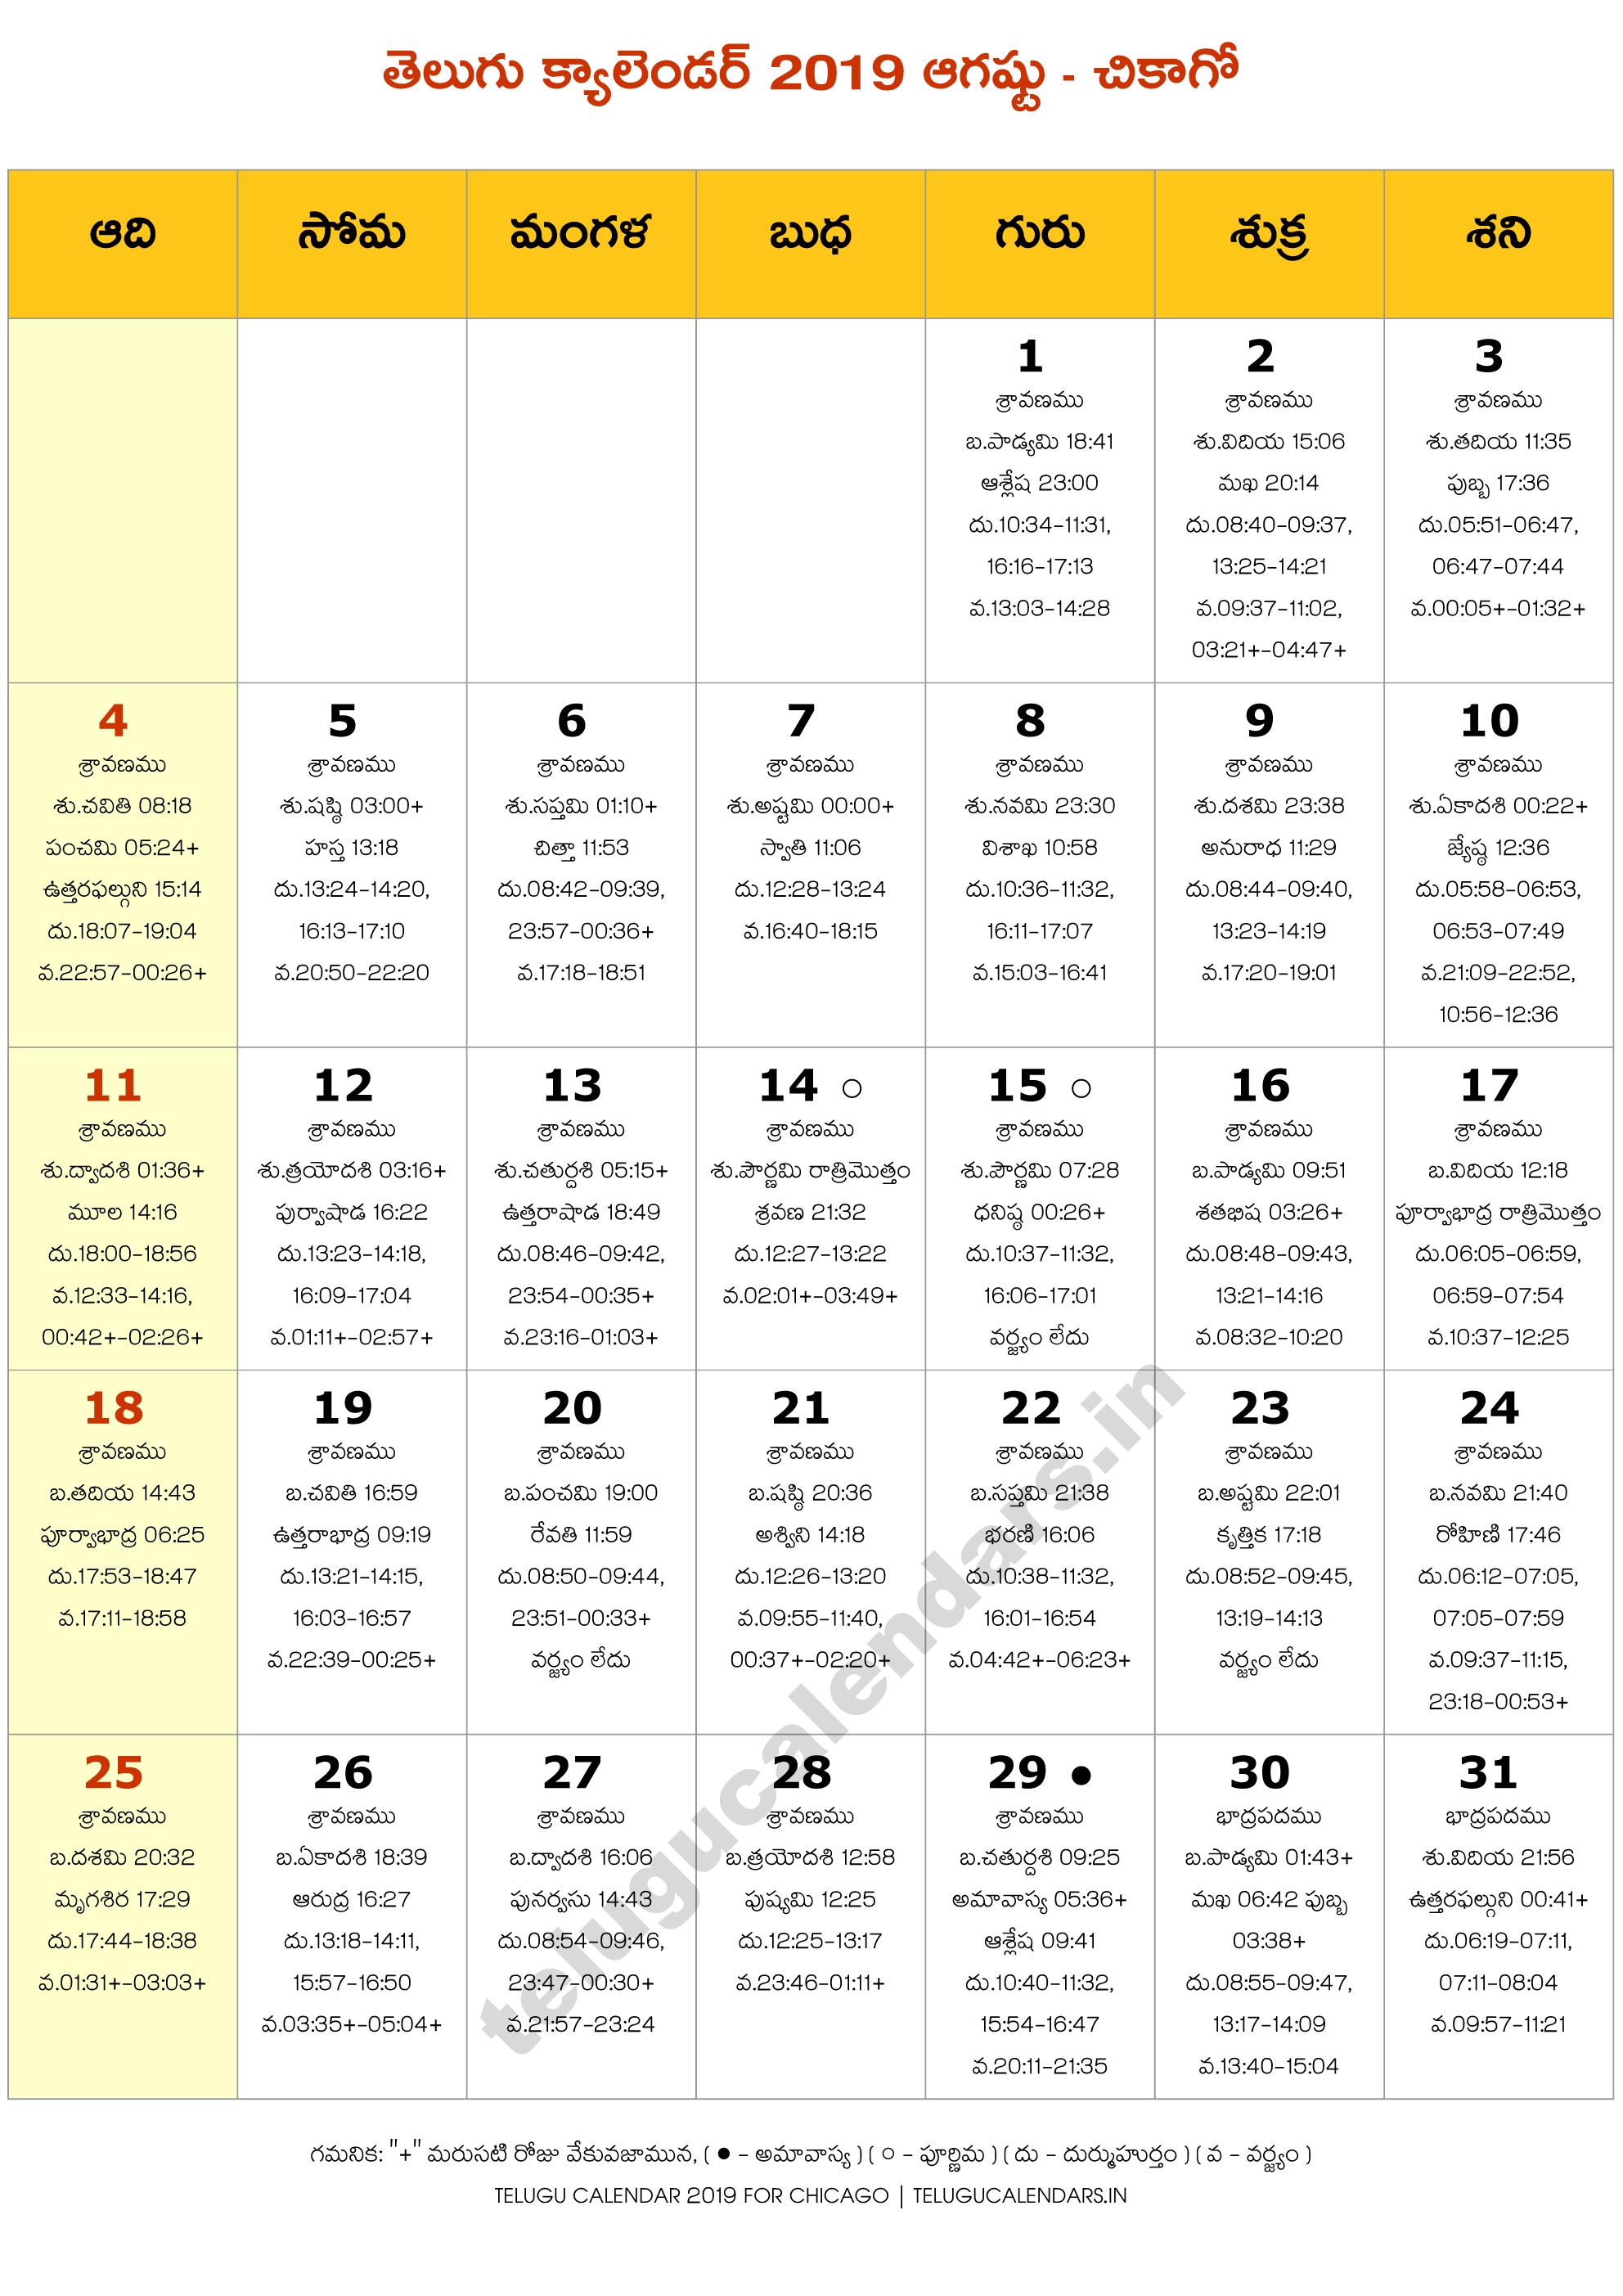 Chicago 2019 August Telugu Calendar | Telugu Calendars